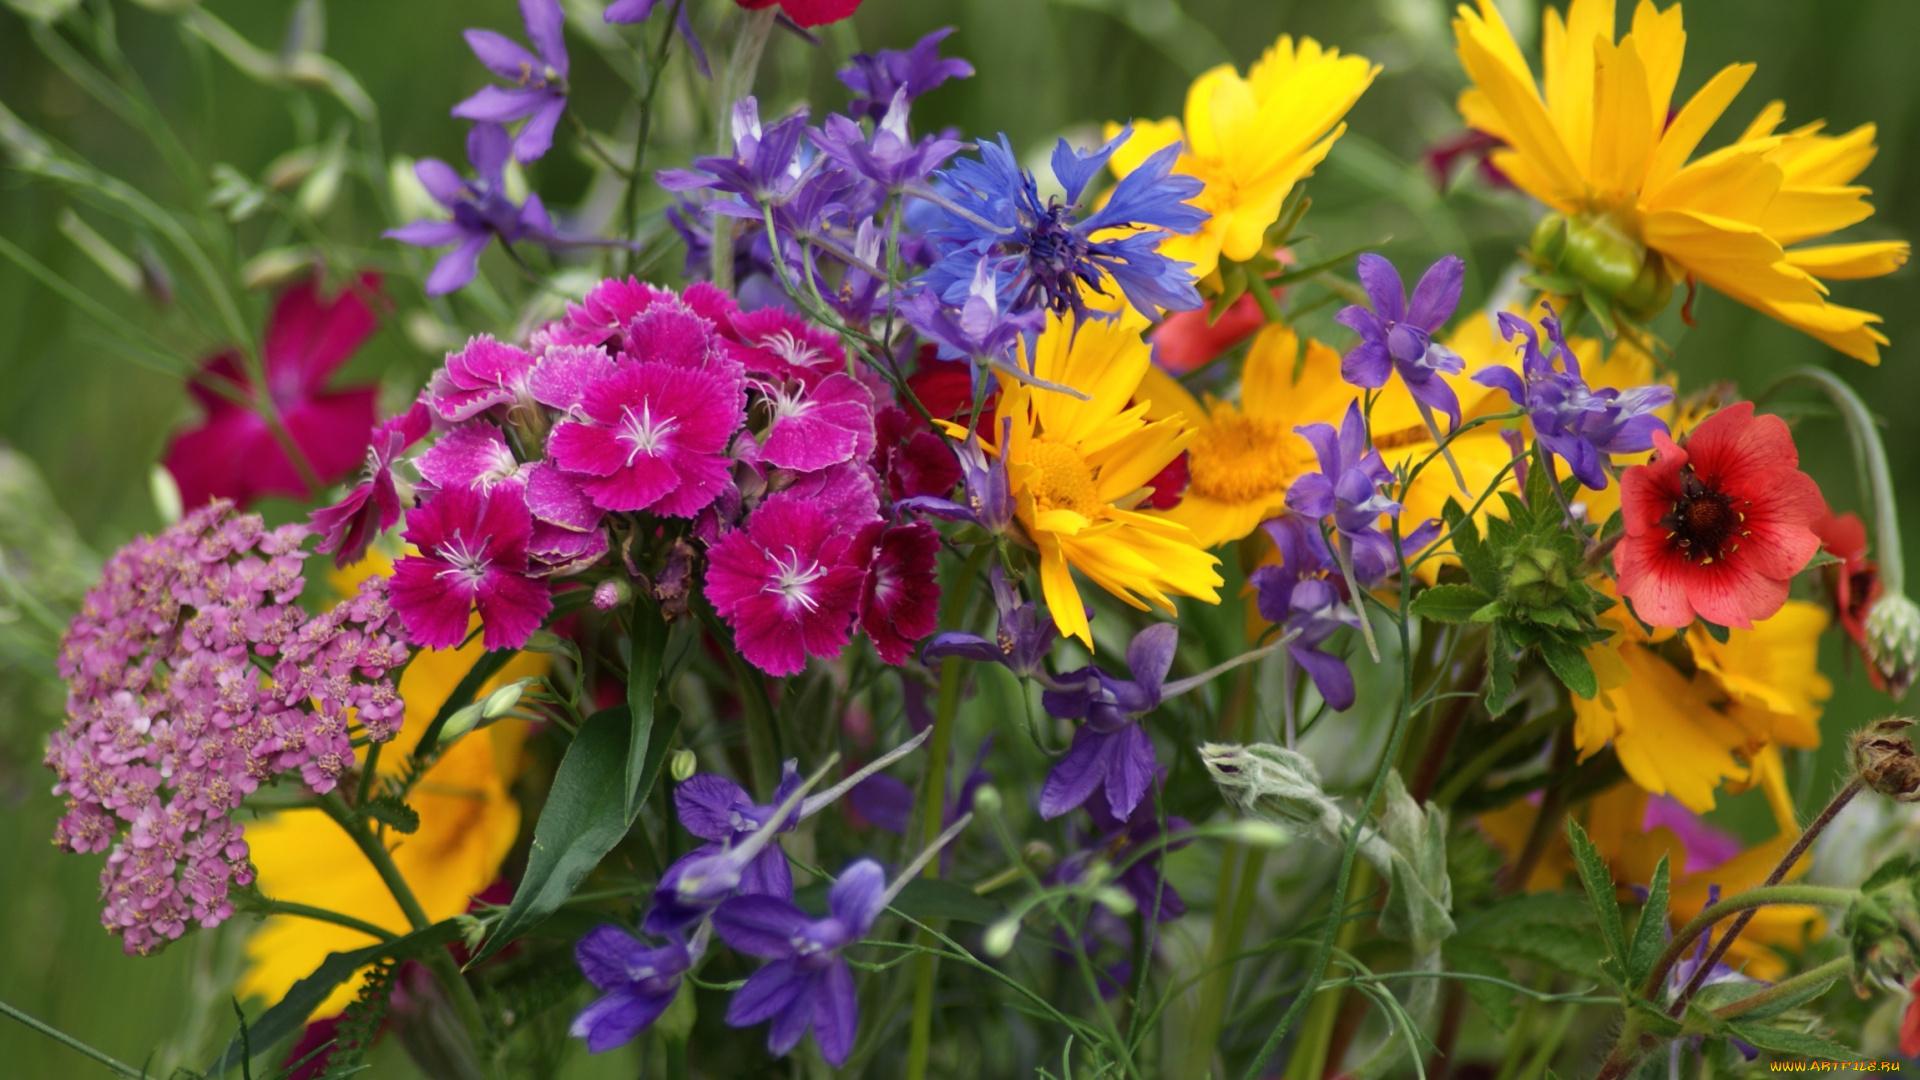 начале июня фото полевых цветов в хорошем качестве увидите, что